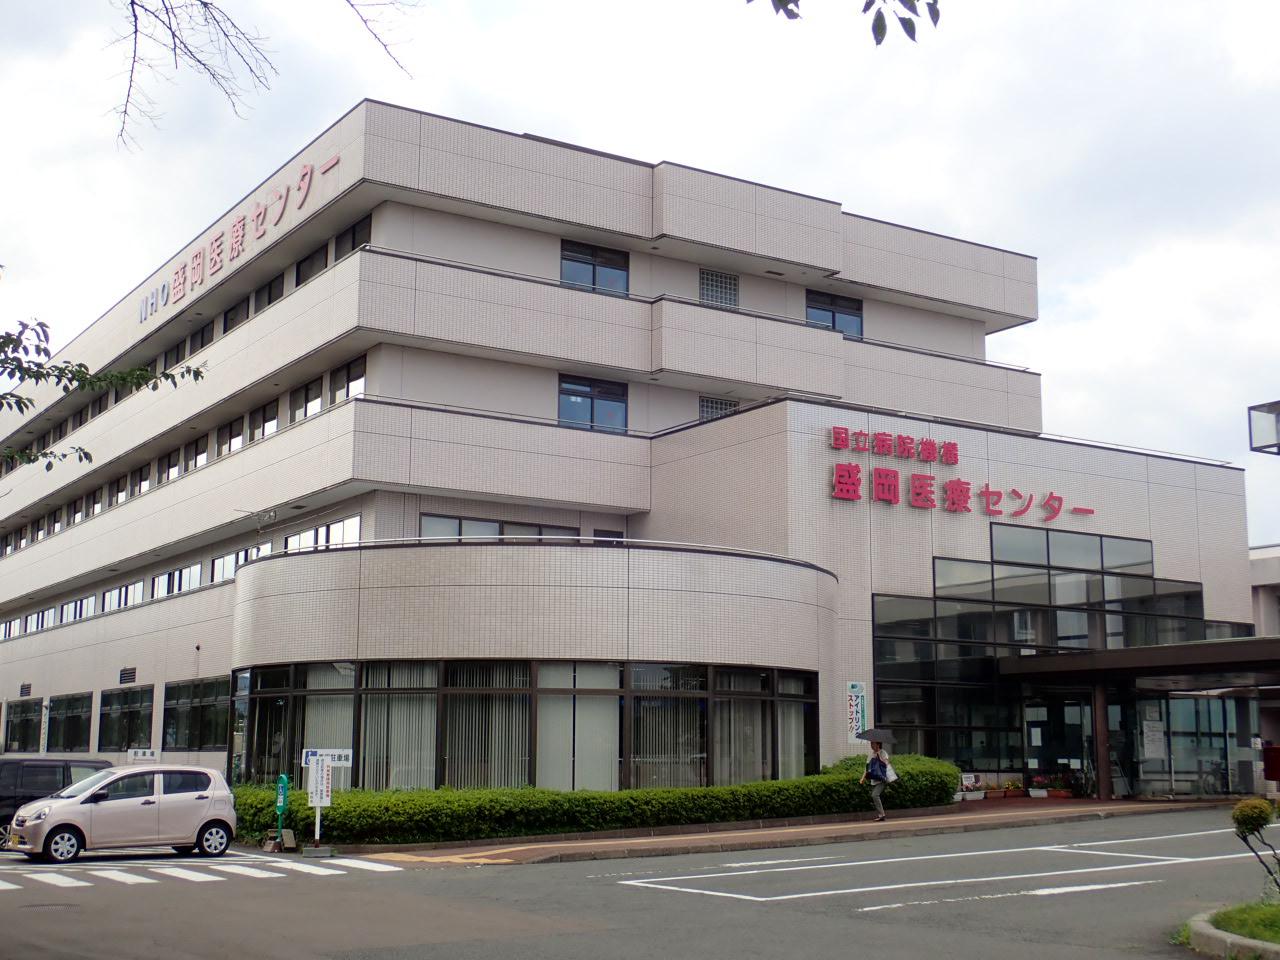 独立行政法人 国立病院機構 盛岡医療センター病棟等改修整備工事